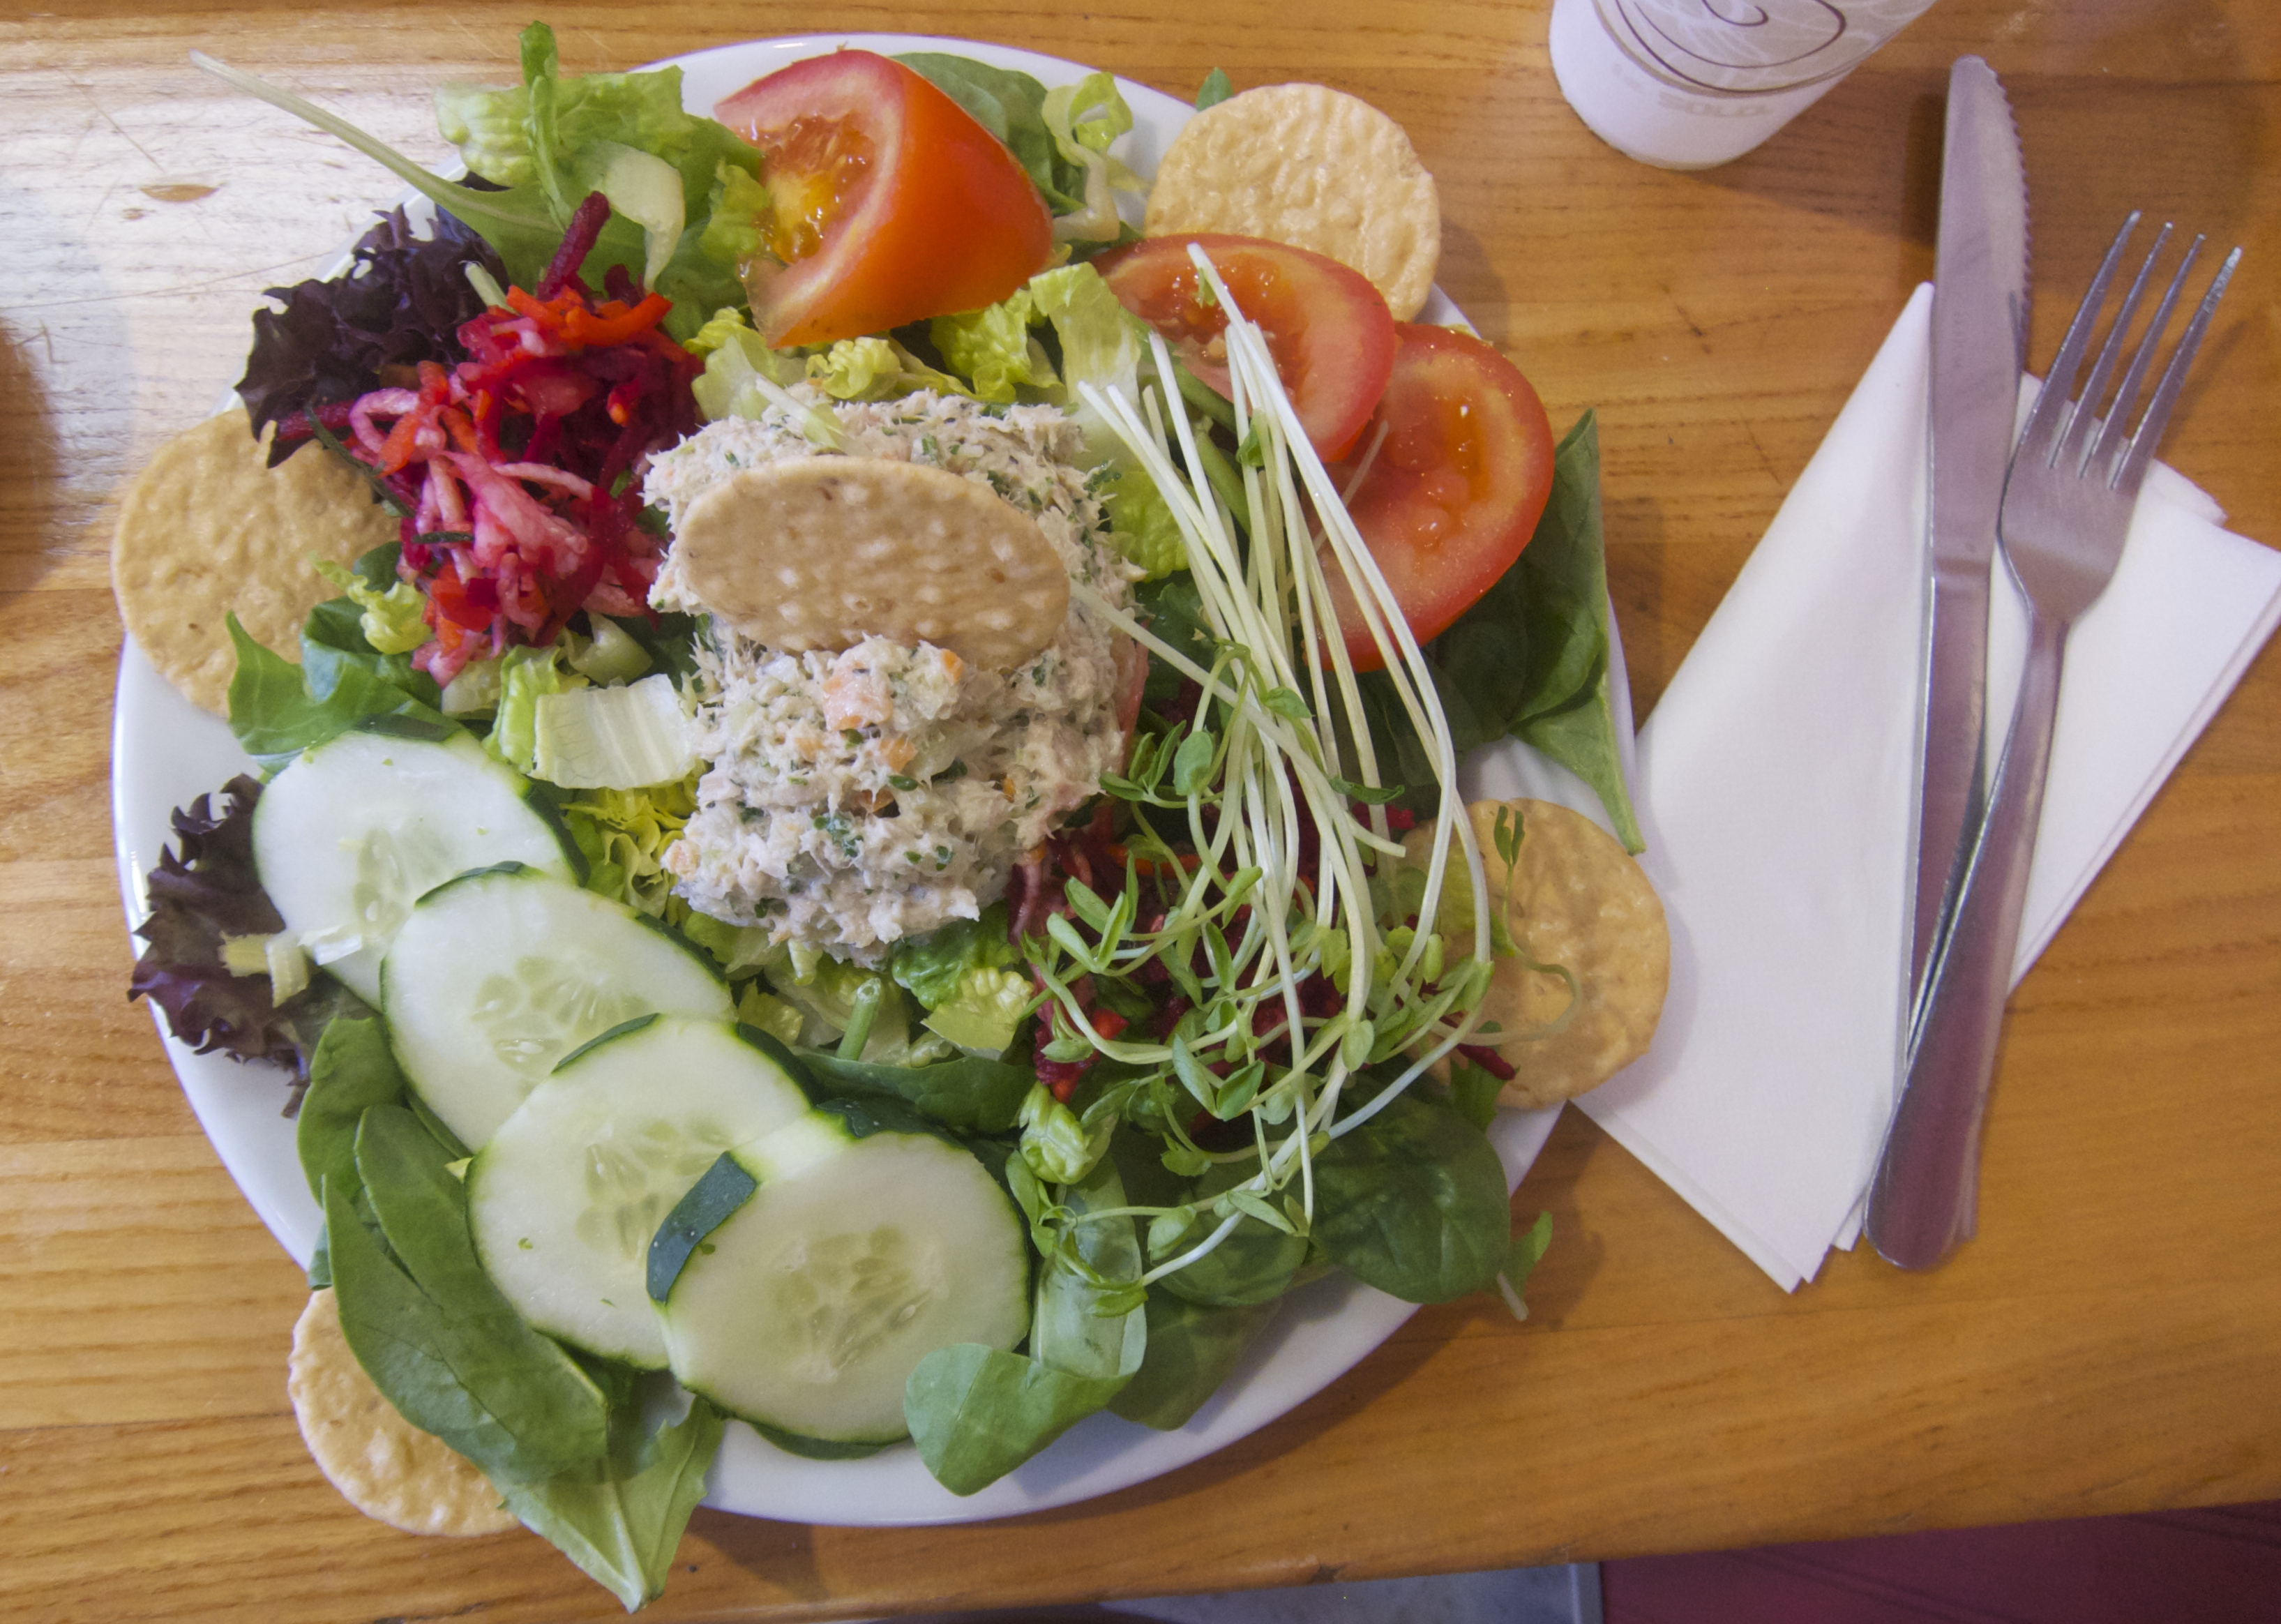 saladatgoodfoods